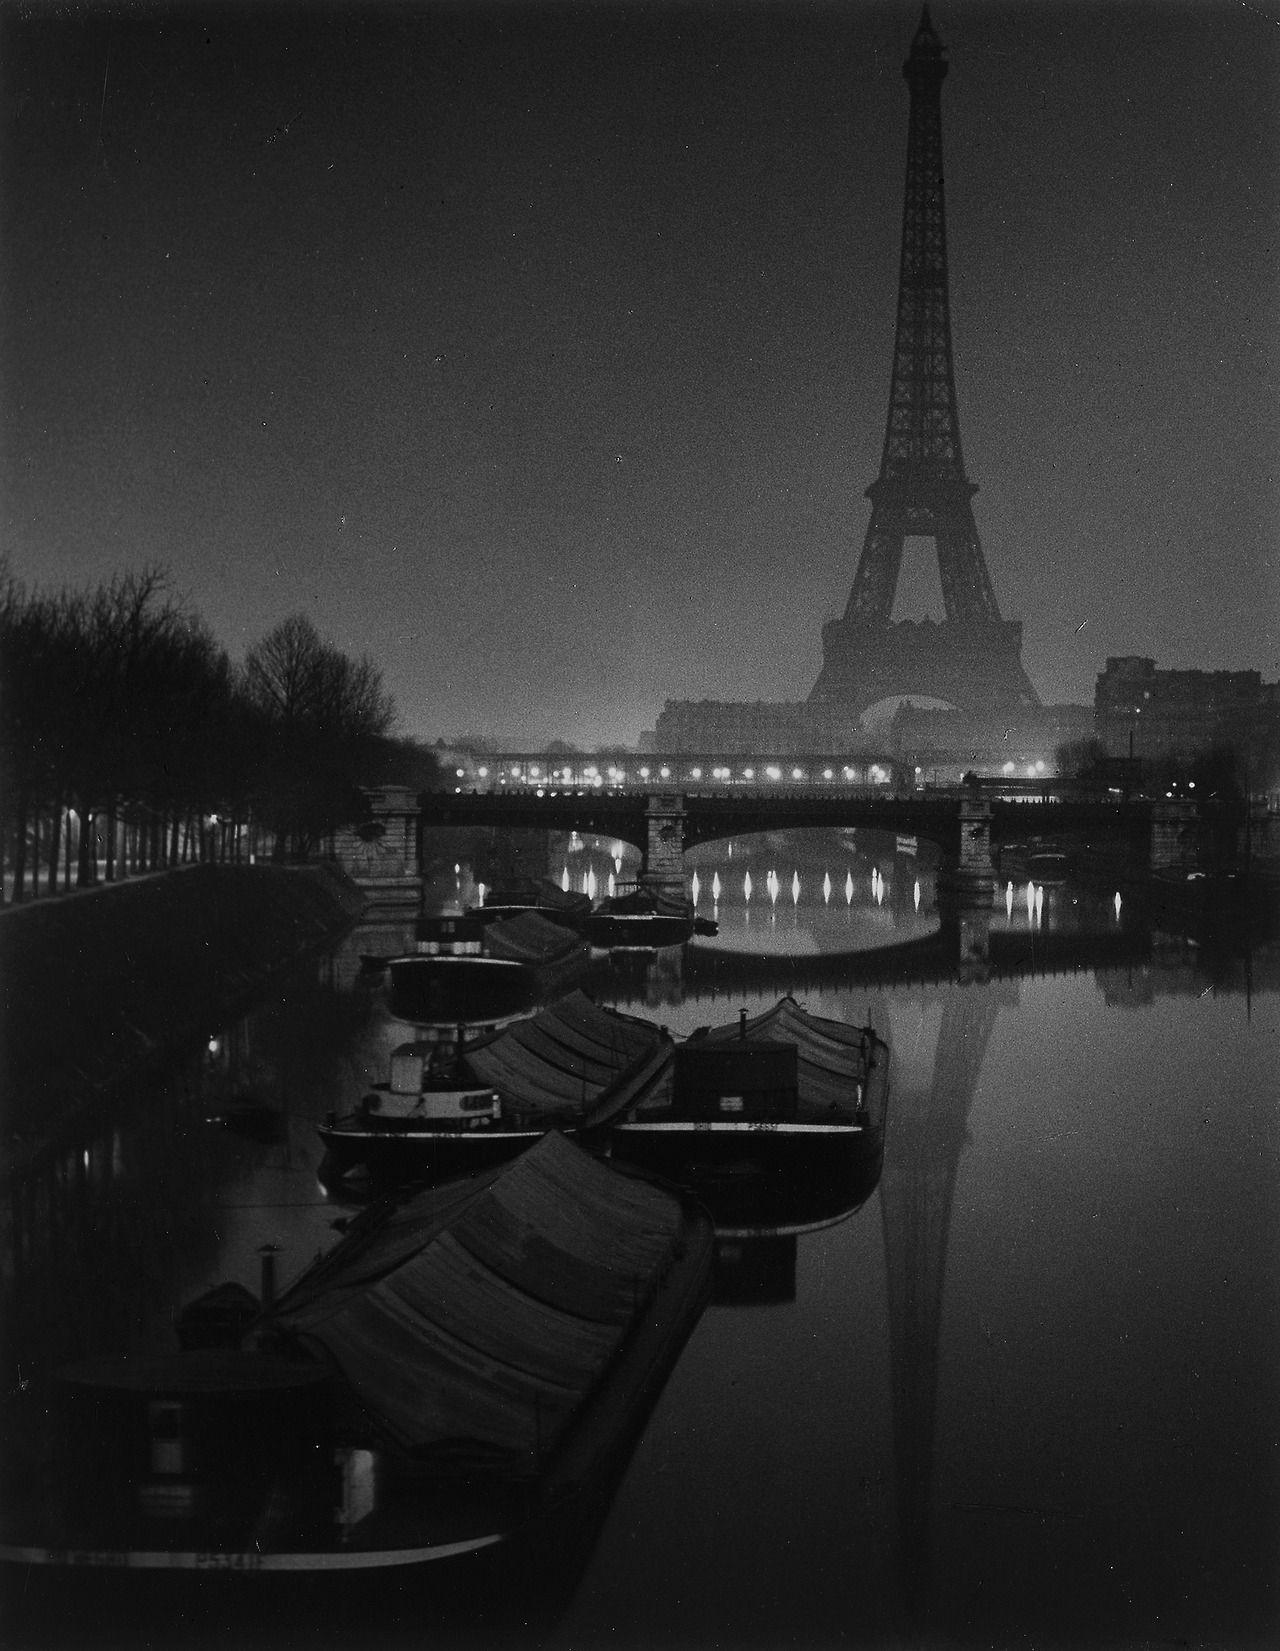 Эйфелева башня. Фотограф Брассаи